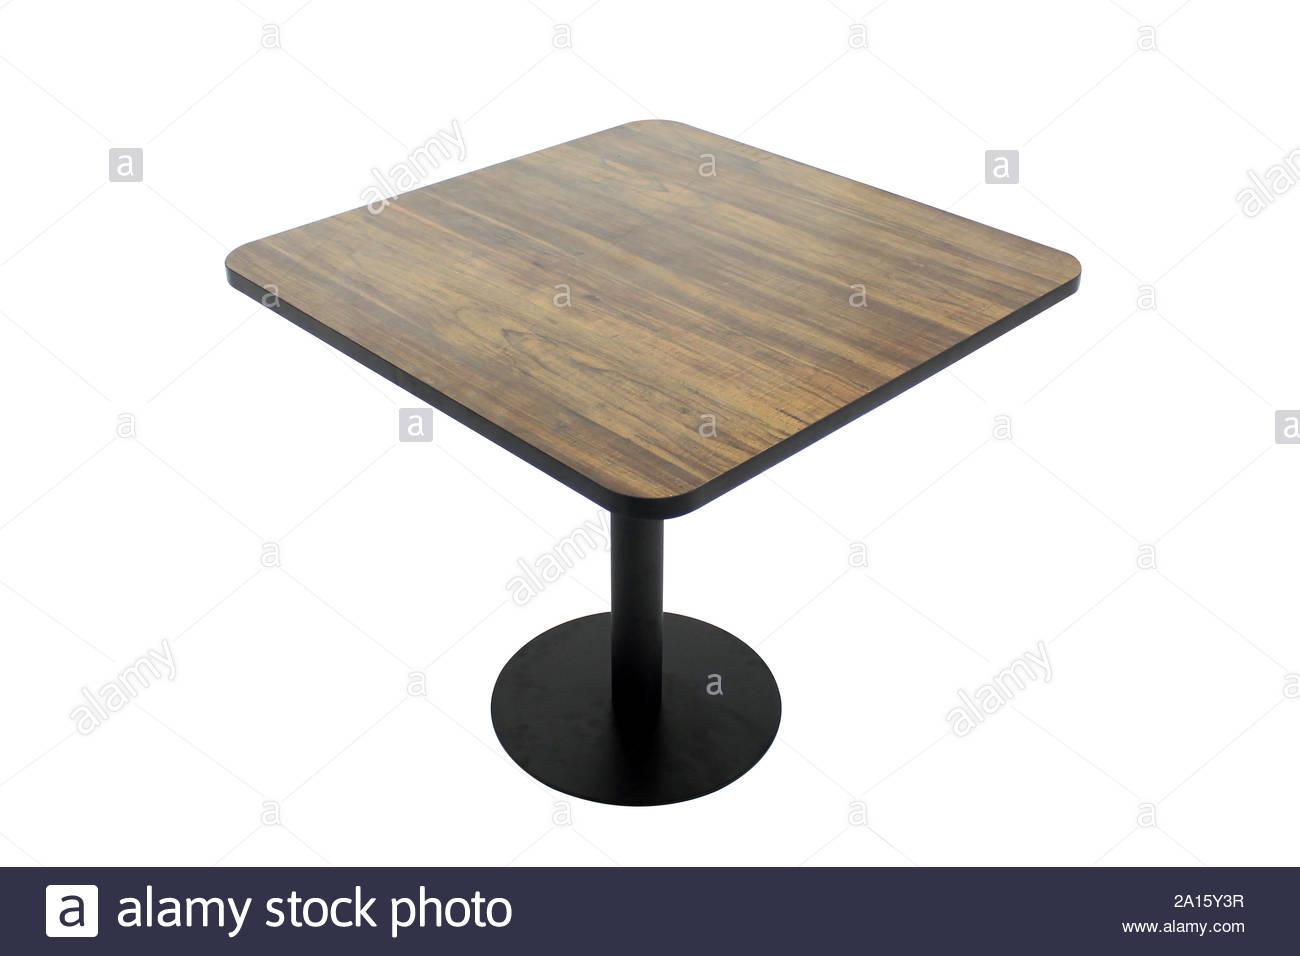 Mesa de comedor aislado sobre fondo blanco. Café clásico y ...